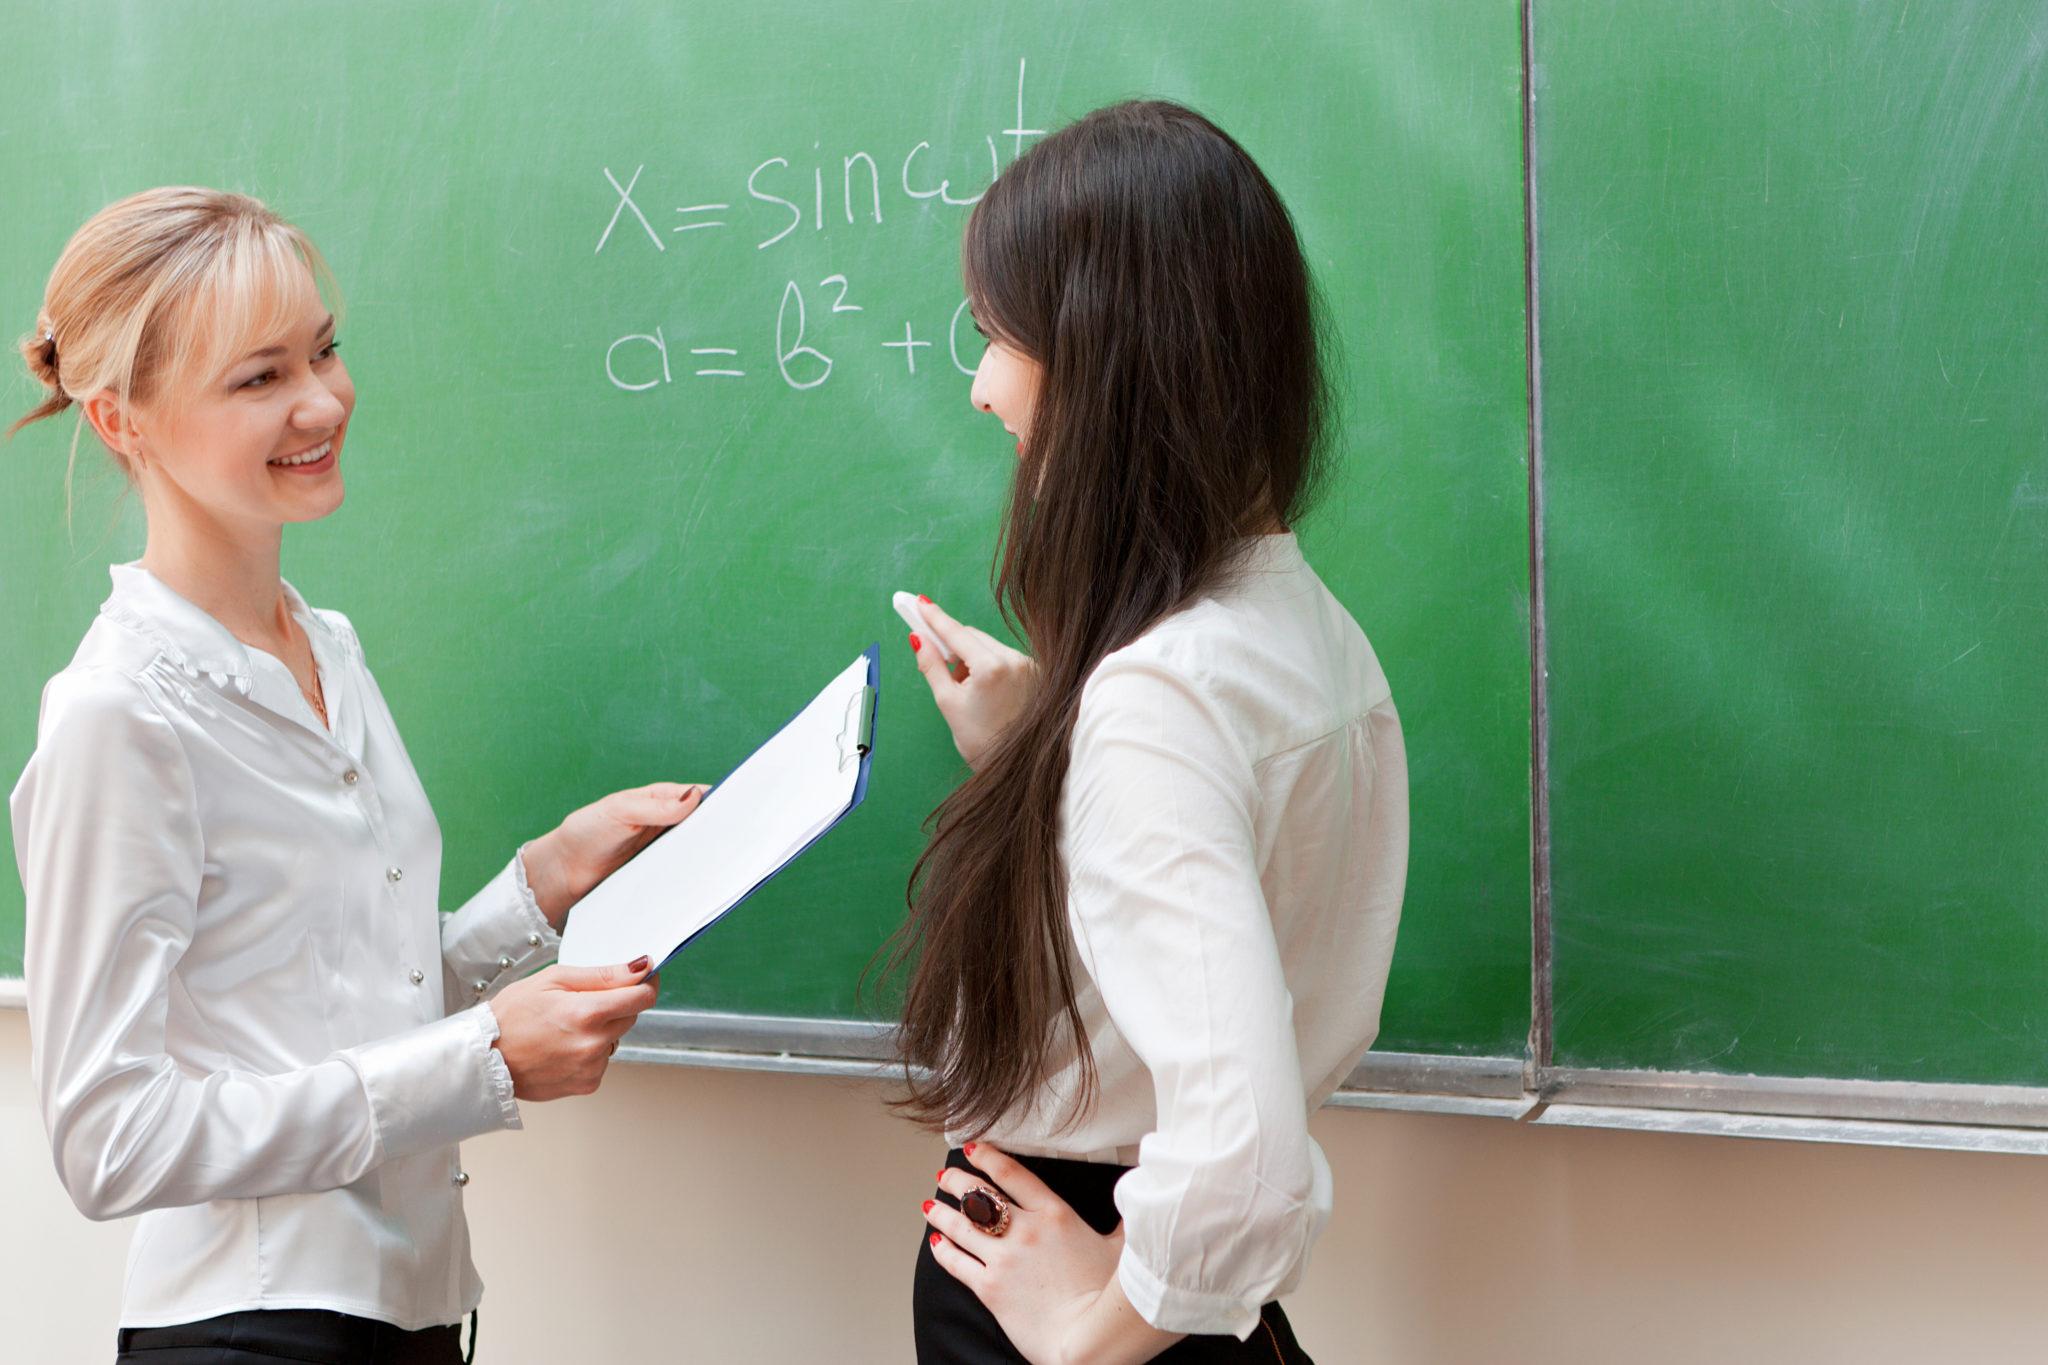 Si necesitas saber Cómo ser Profesor de español en China, te traemos toda la información. Ser Profesor de Español en China es más sencillo ¡Entra!